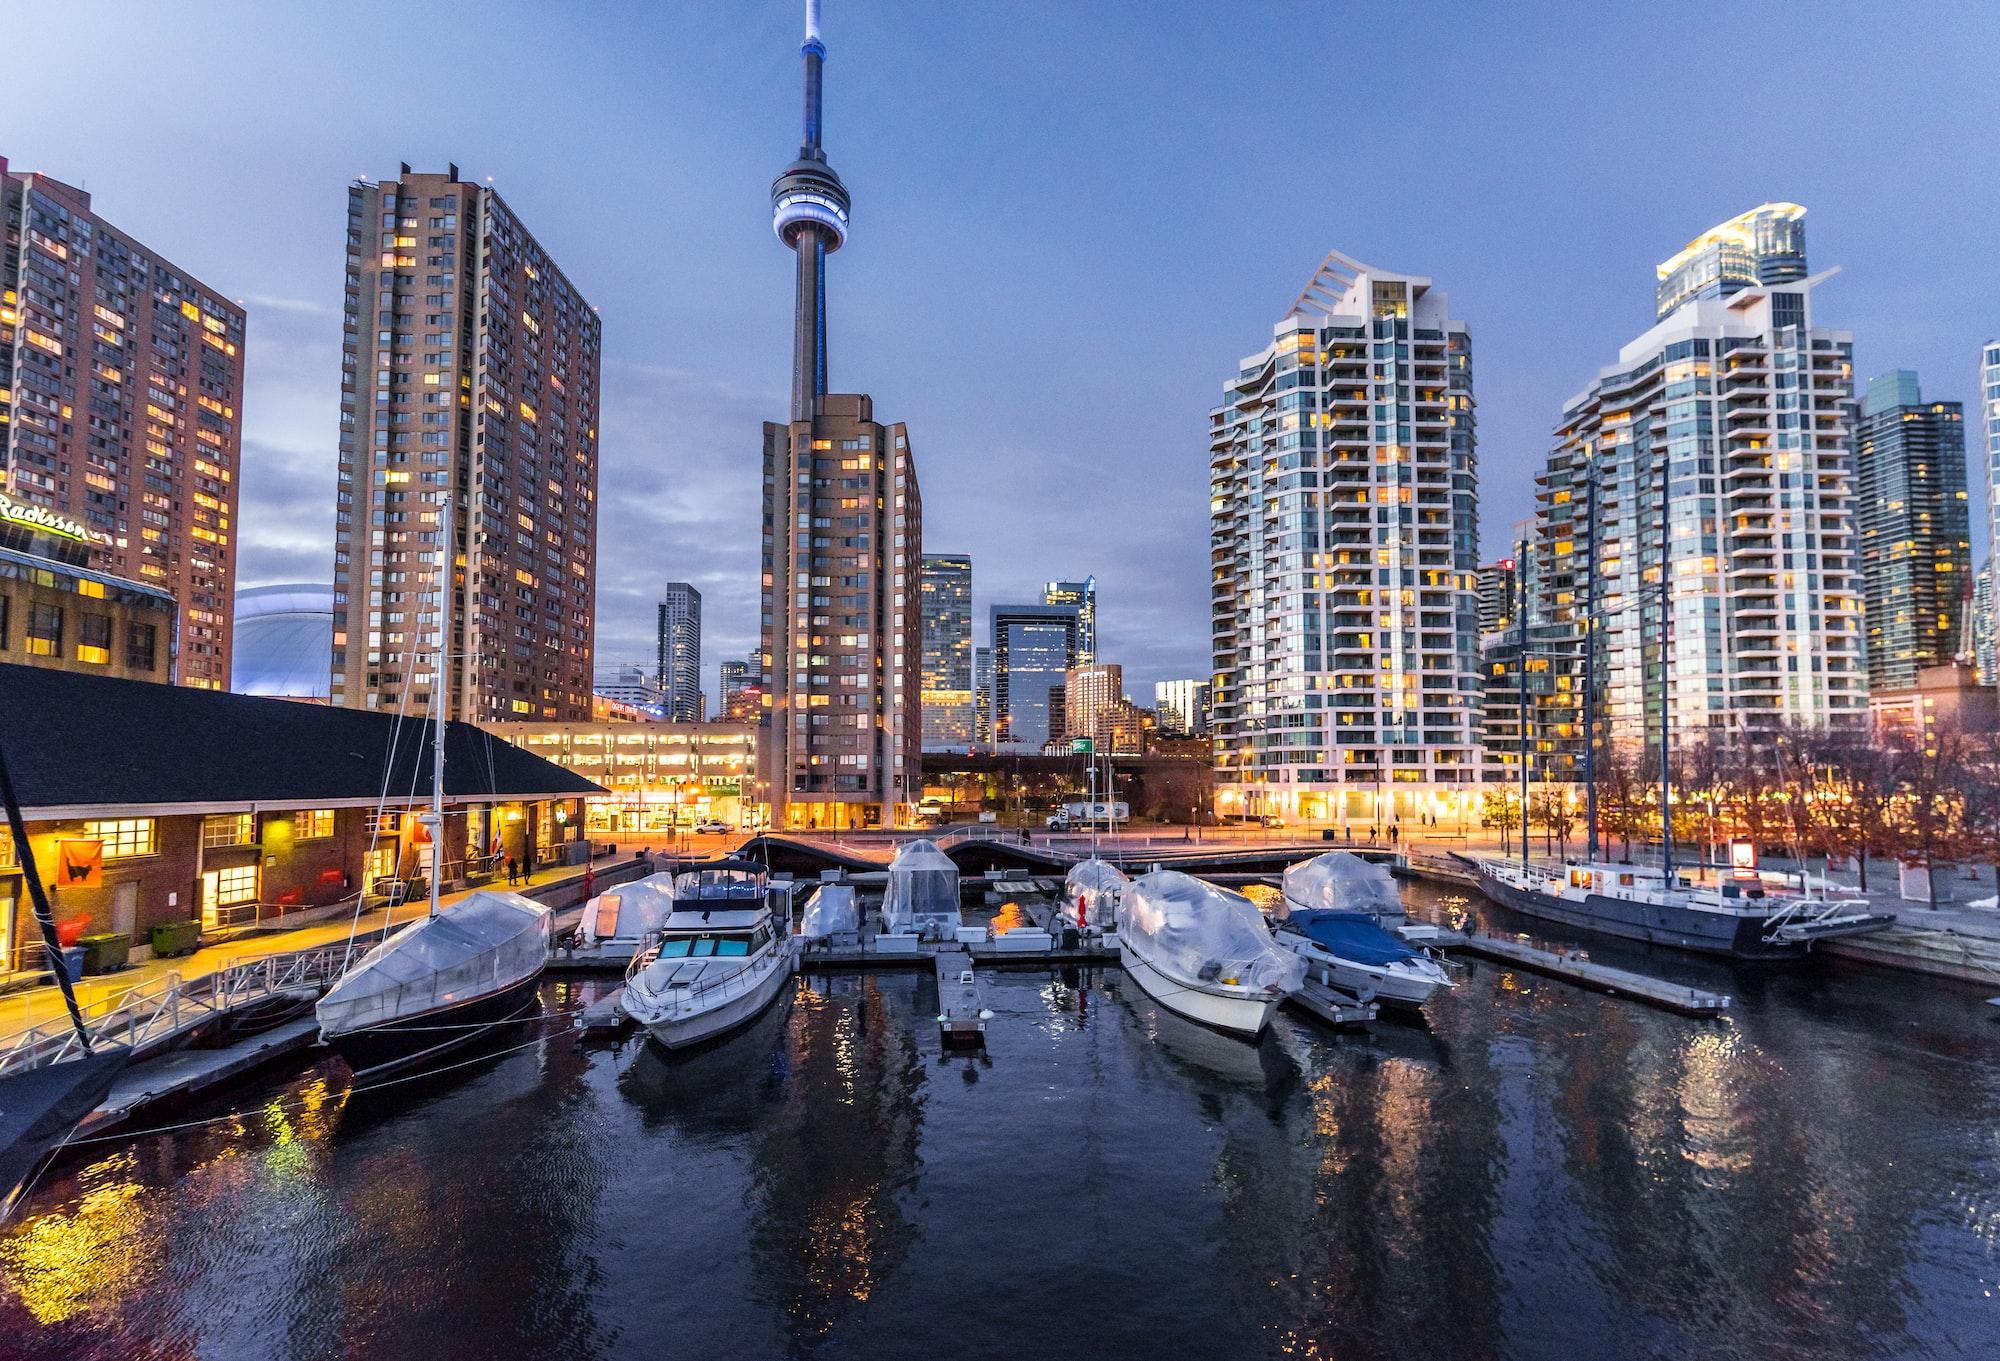 Summer nights Toronto